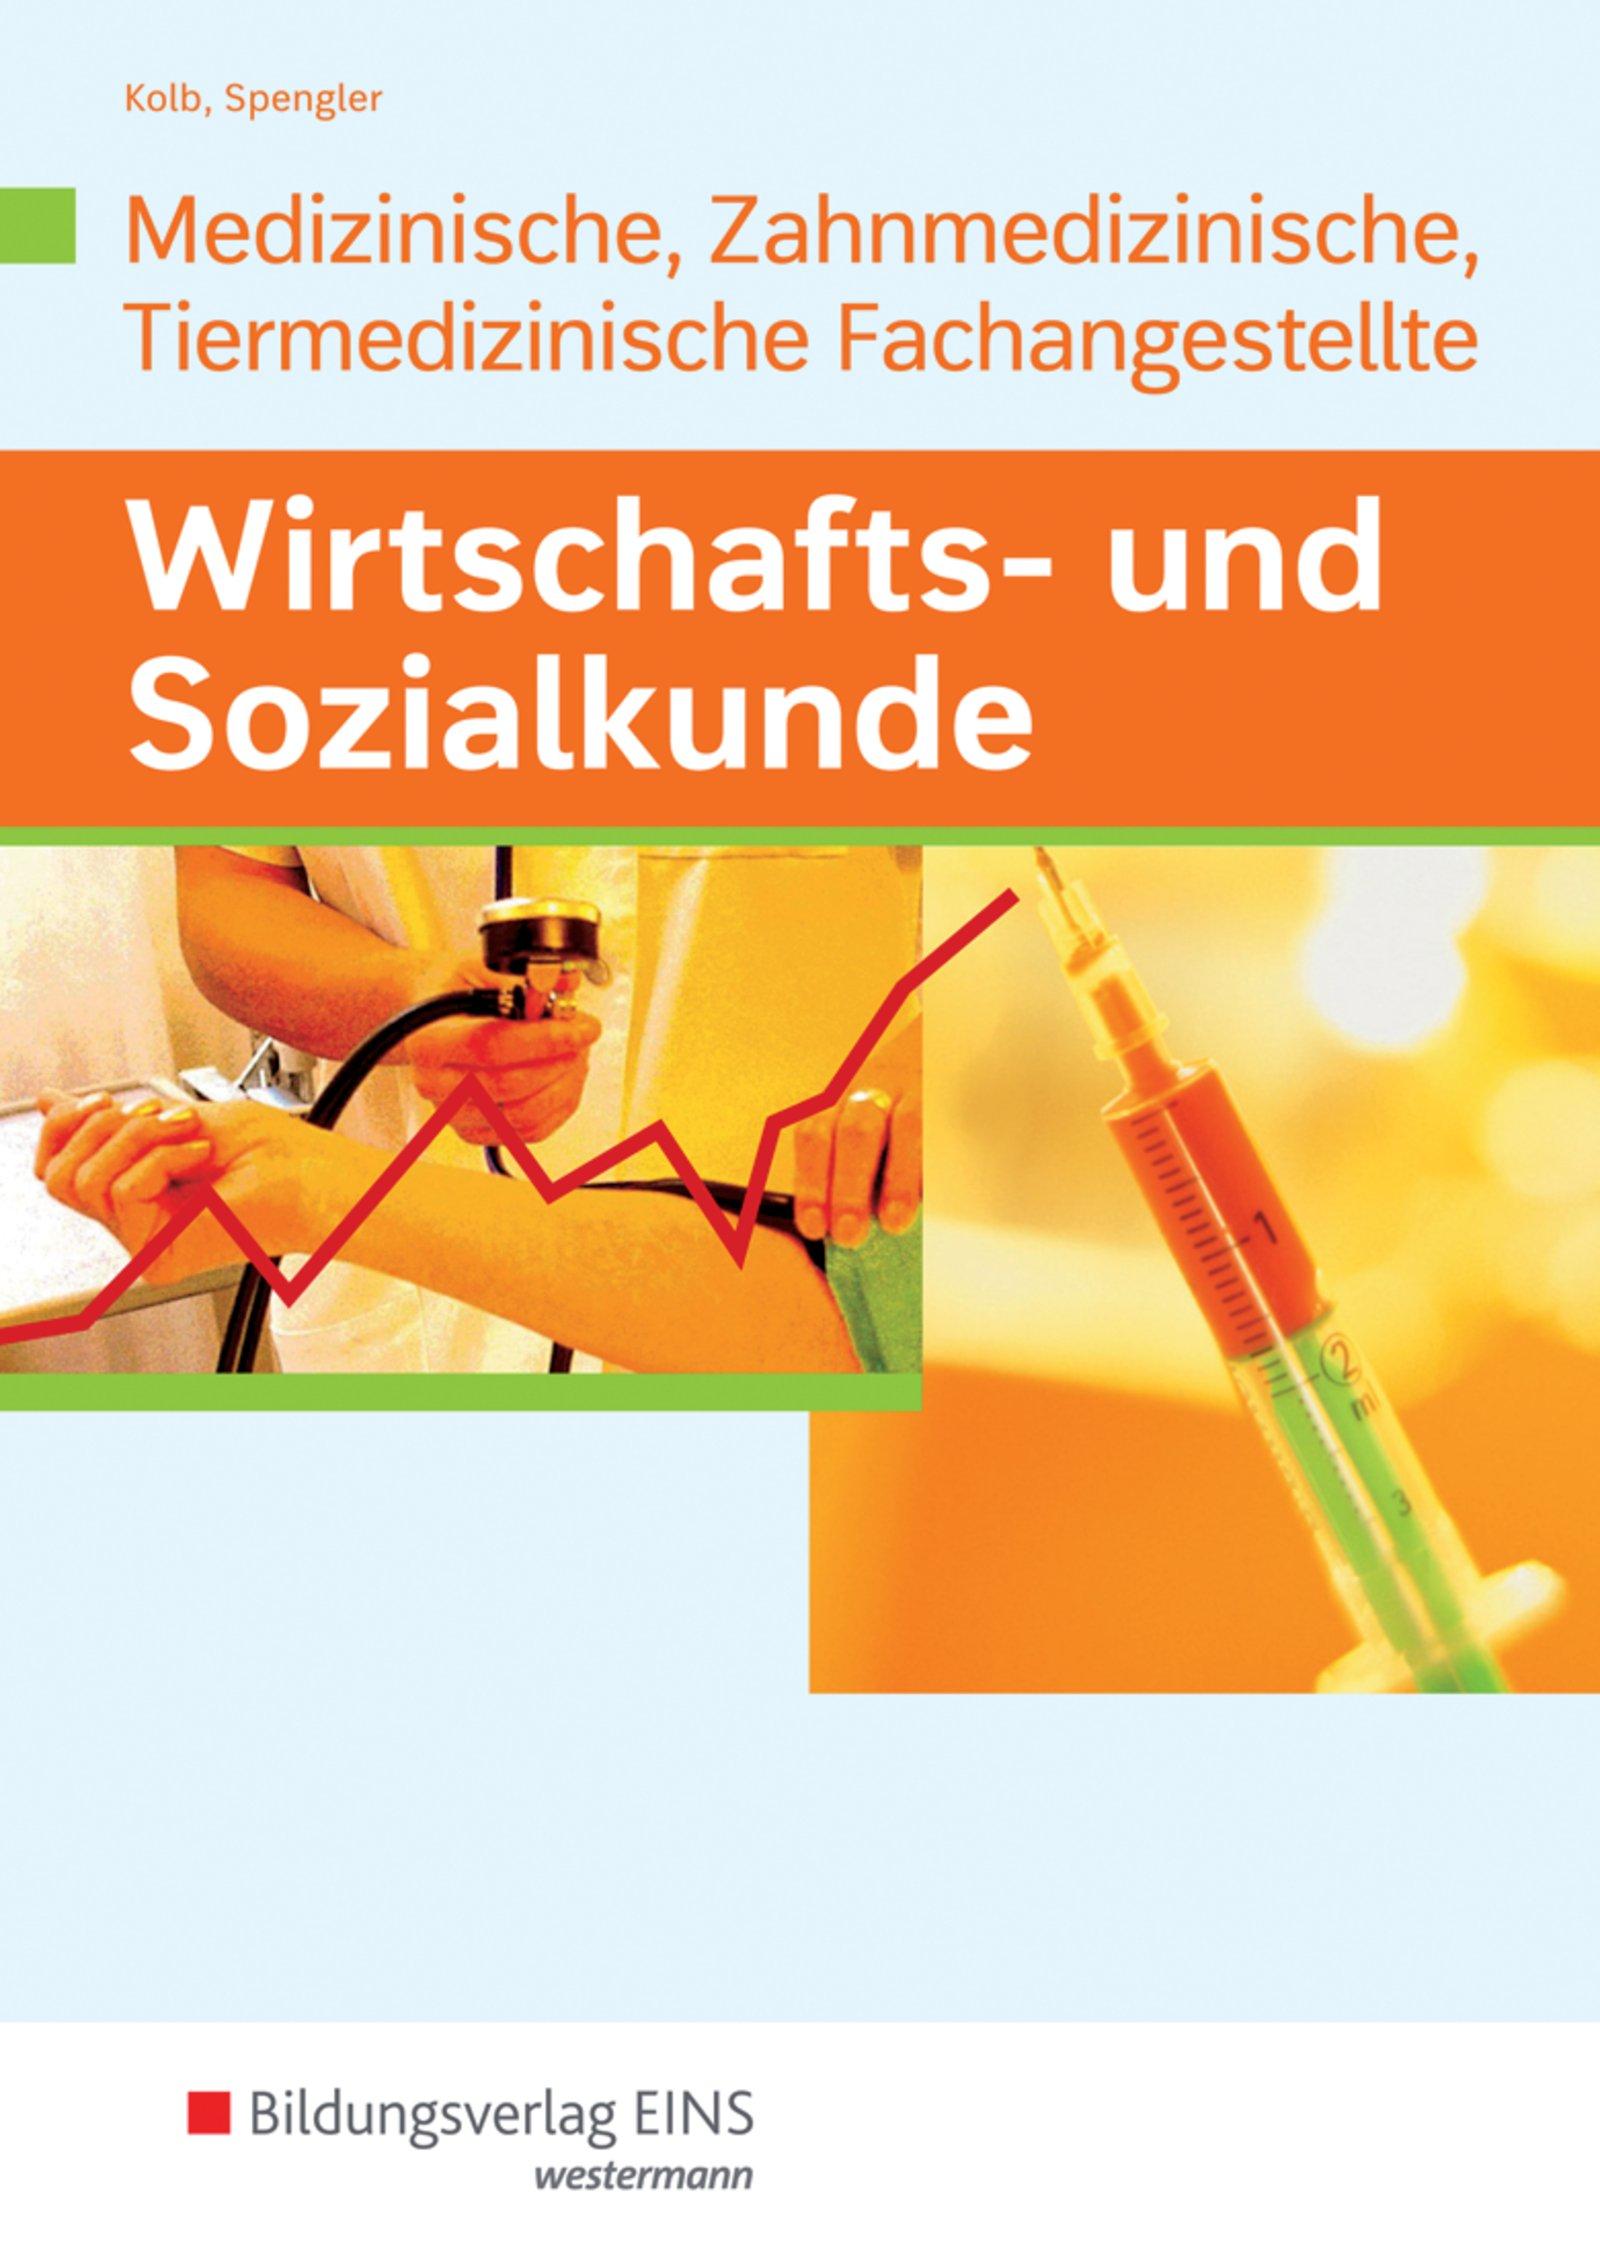 Wirtschafts- und Sozialkunde: Ausgabe für Medizinische, Zahnmedizinische und Tiermedizinische Fachangestellte: Schülerband